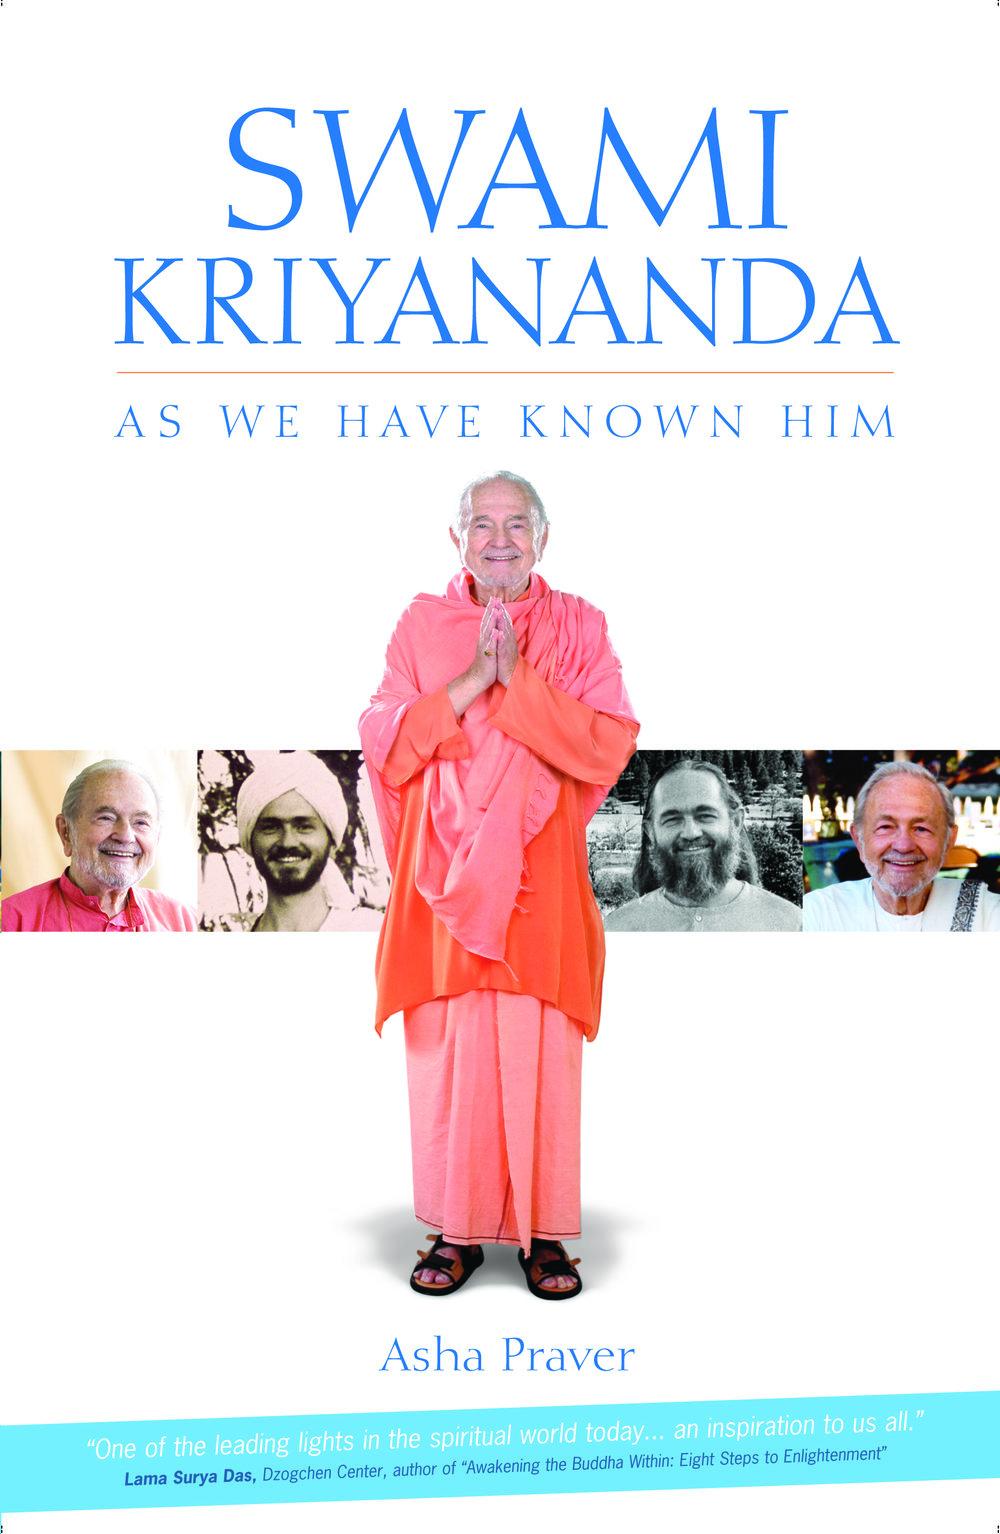 Swami Kriyananda as we have known him.jpg